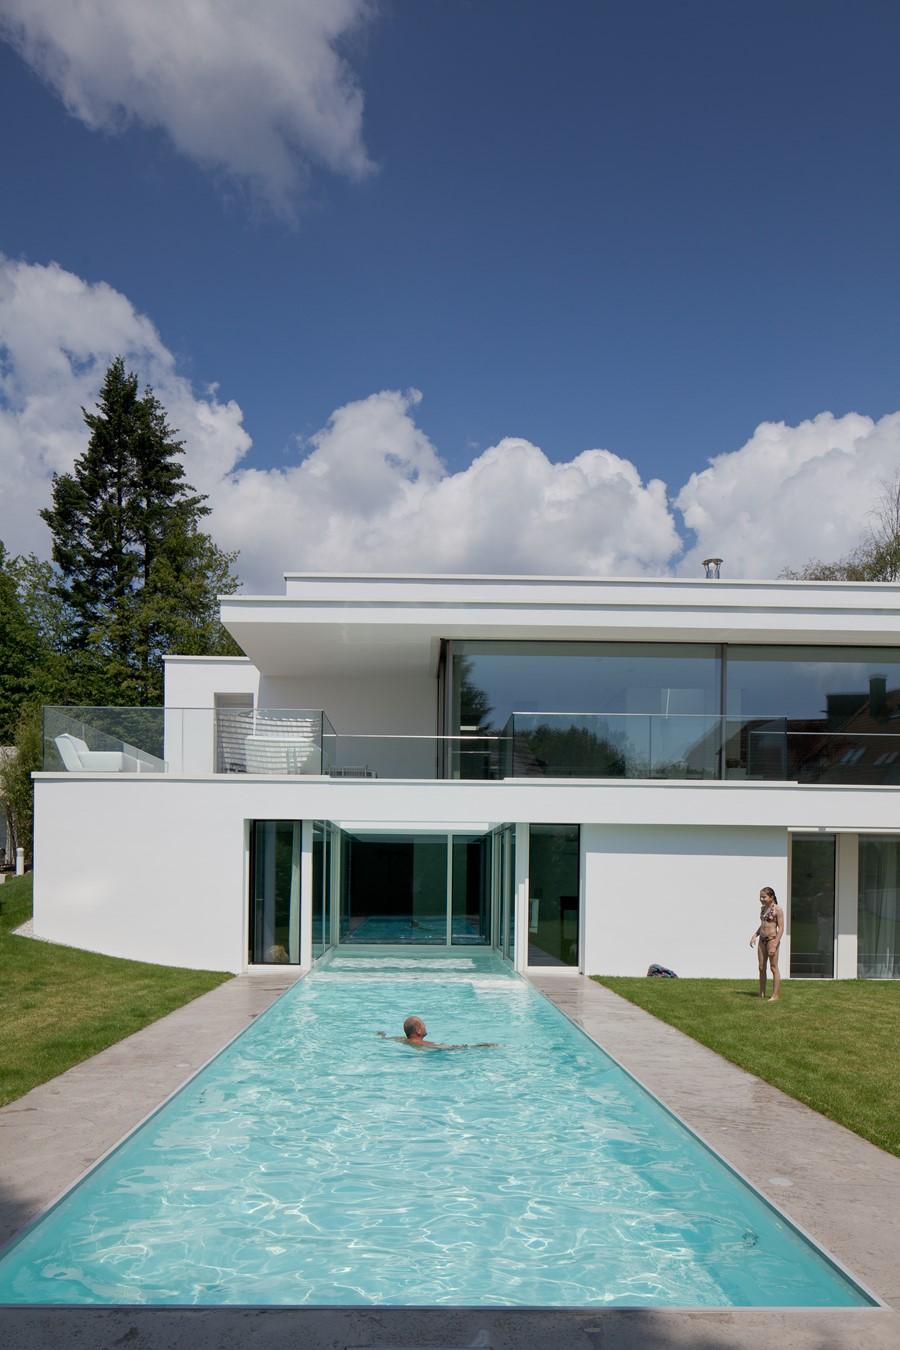 House Von Stein by Philipp Architekten 02